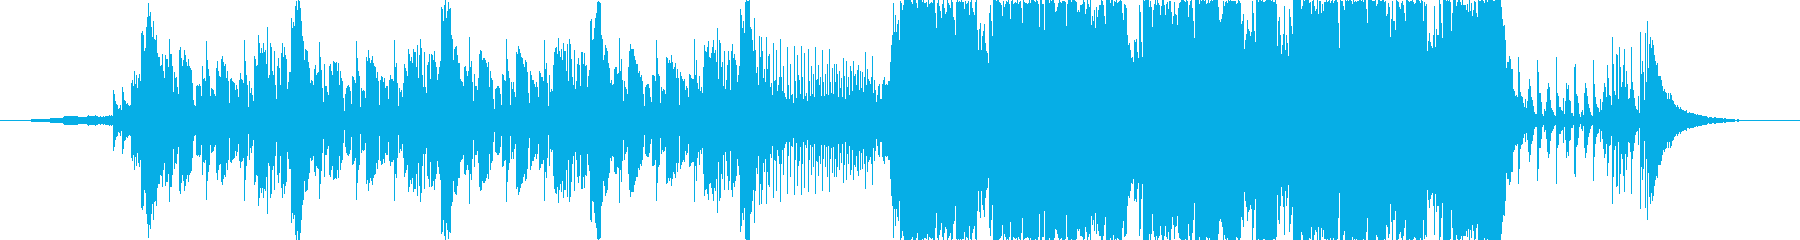 ダブやレゲエイントロのダブステップの再生済みの波形